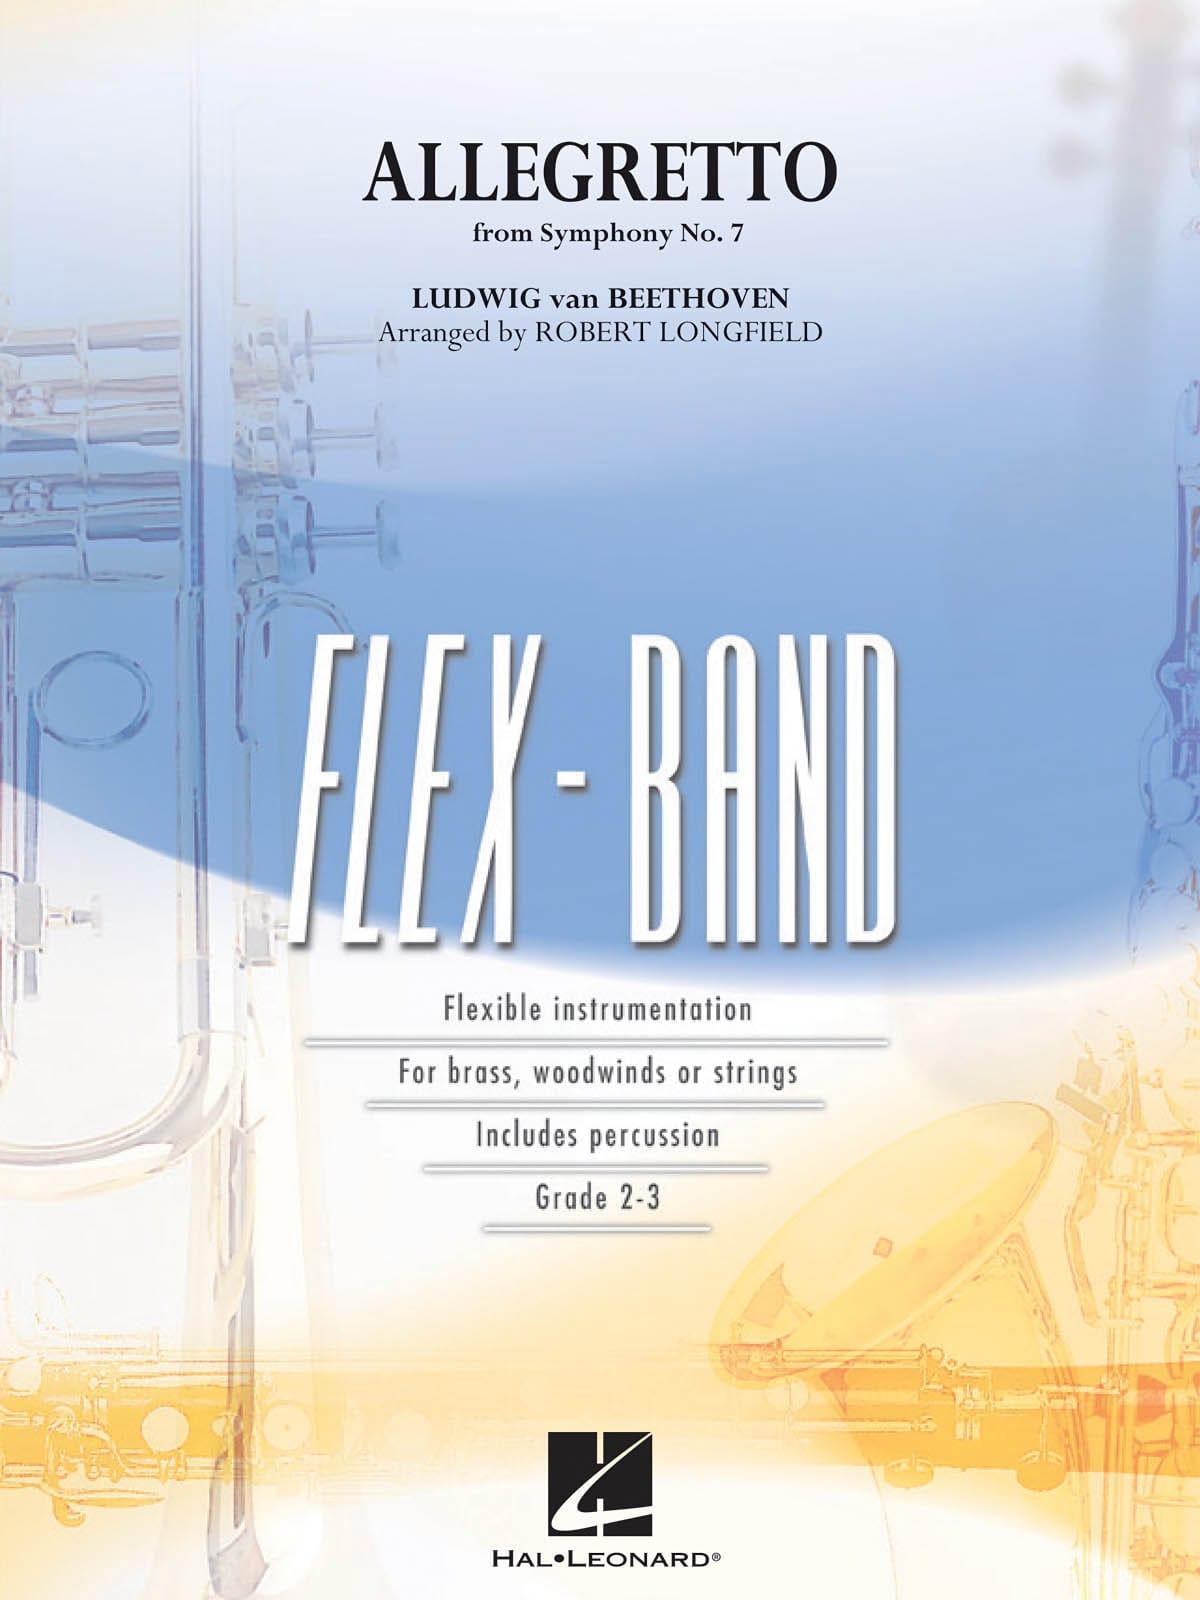 Allegretto From Symphony No. 7 - FlexBand - laflutedepan.com